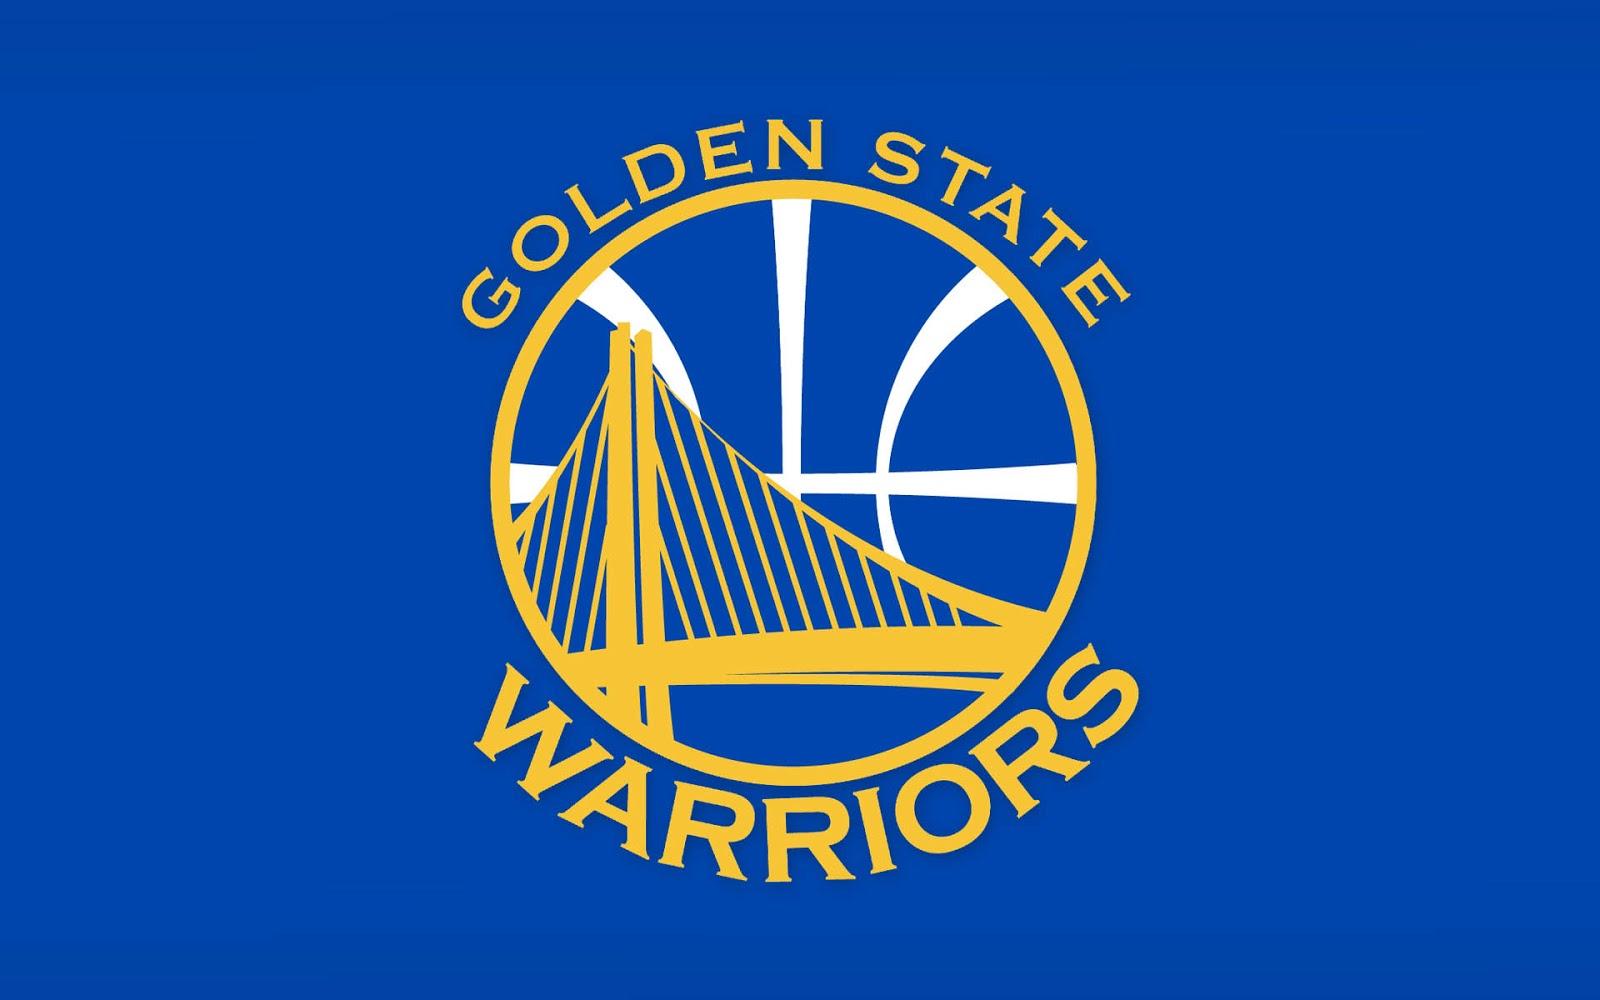 Shirts a sense of doubt blog T shirt 33 Go Golden State Warriors 1600x1000